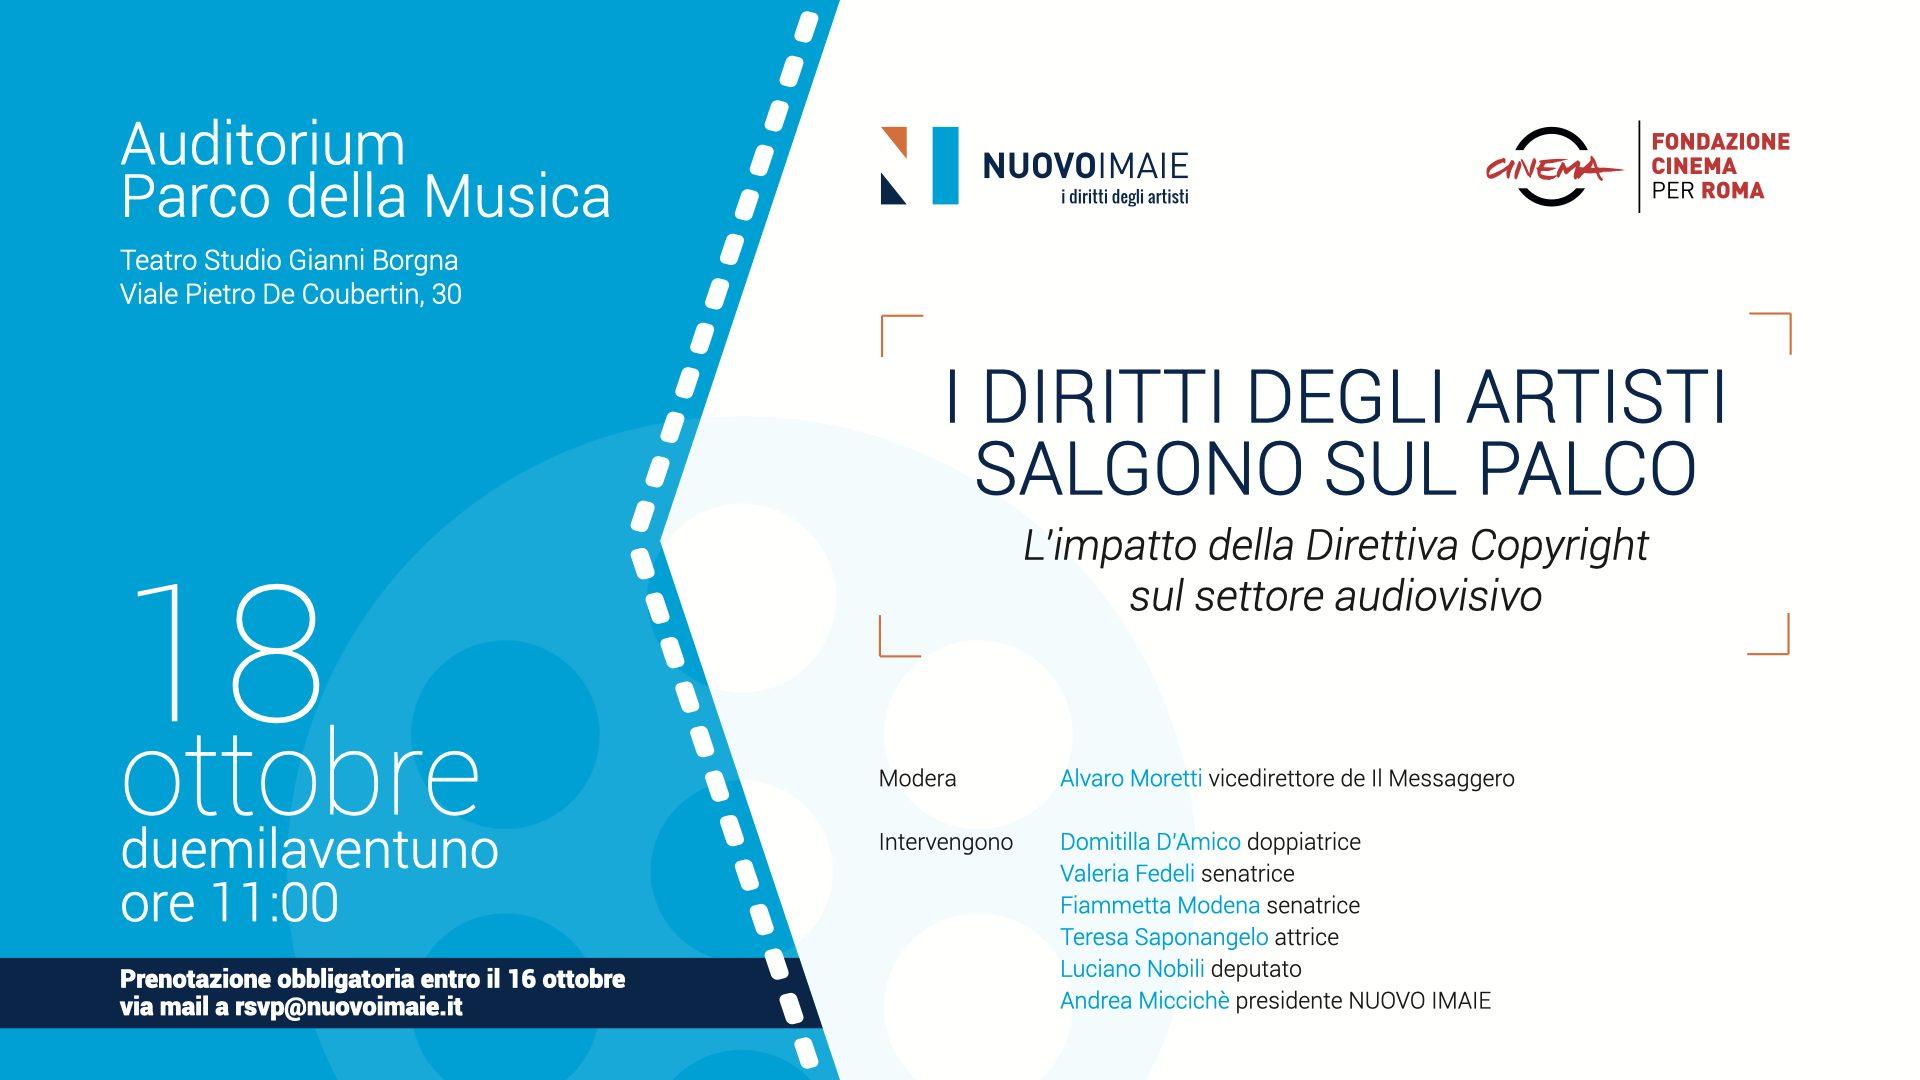 Festa del Cinema di Roma: Panel NUOVO IMAIE sulla Direttiva Copyright